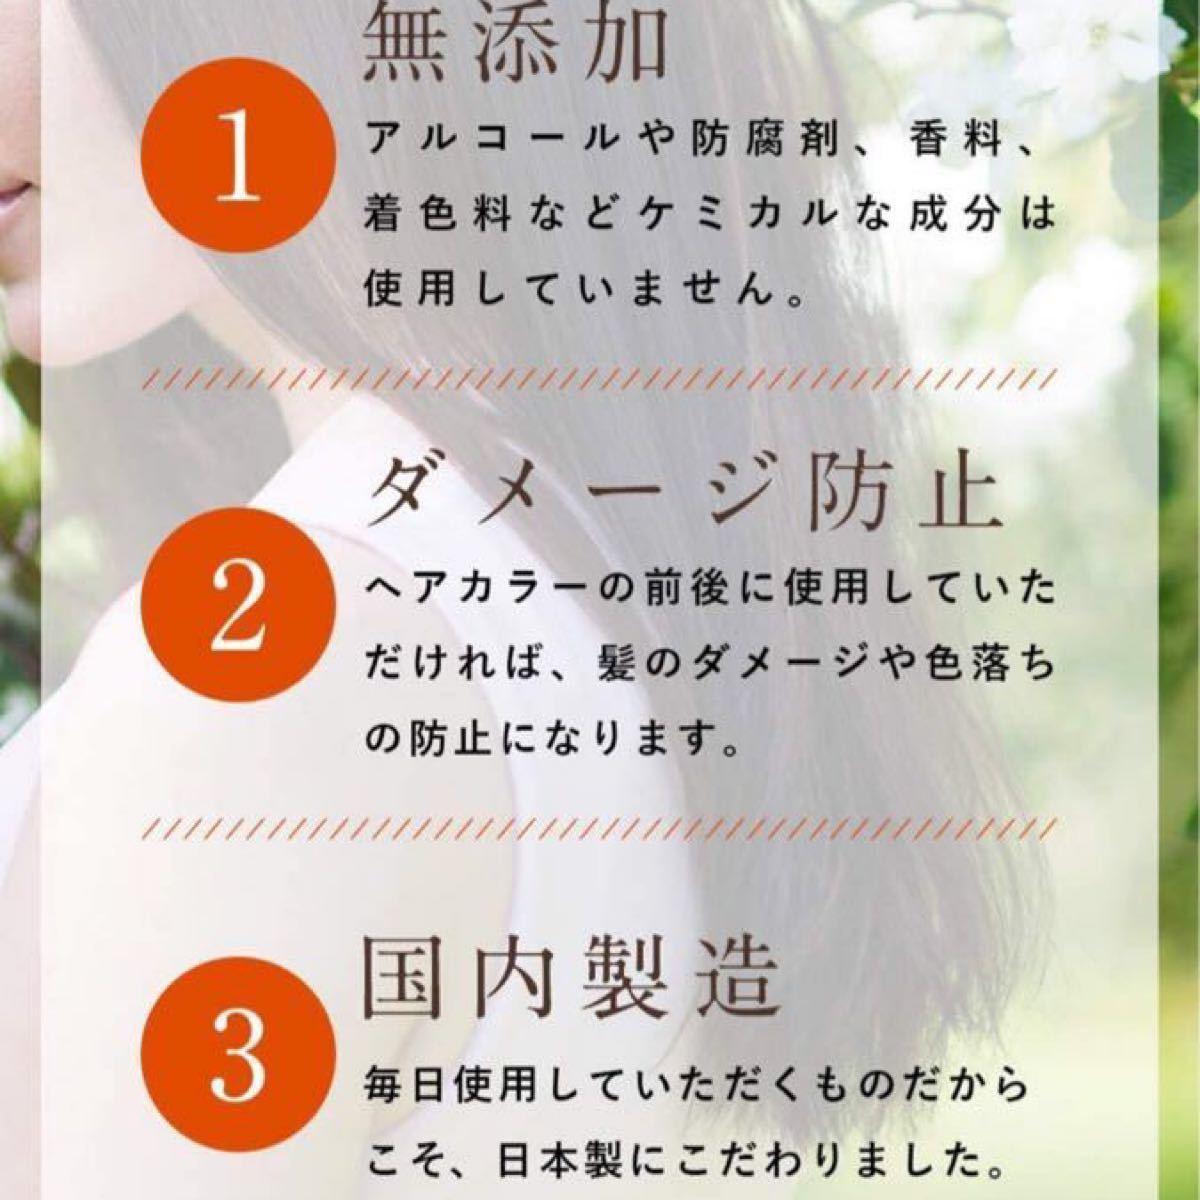 育毛剤 女性用 【 アルコールフリー 防腐剤フリー 薬用 無添加 日本製 】